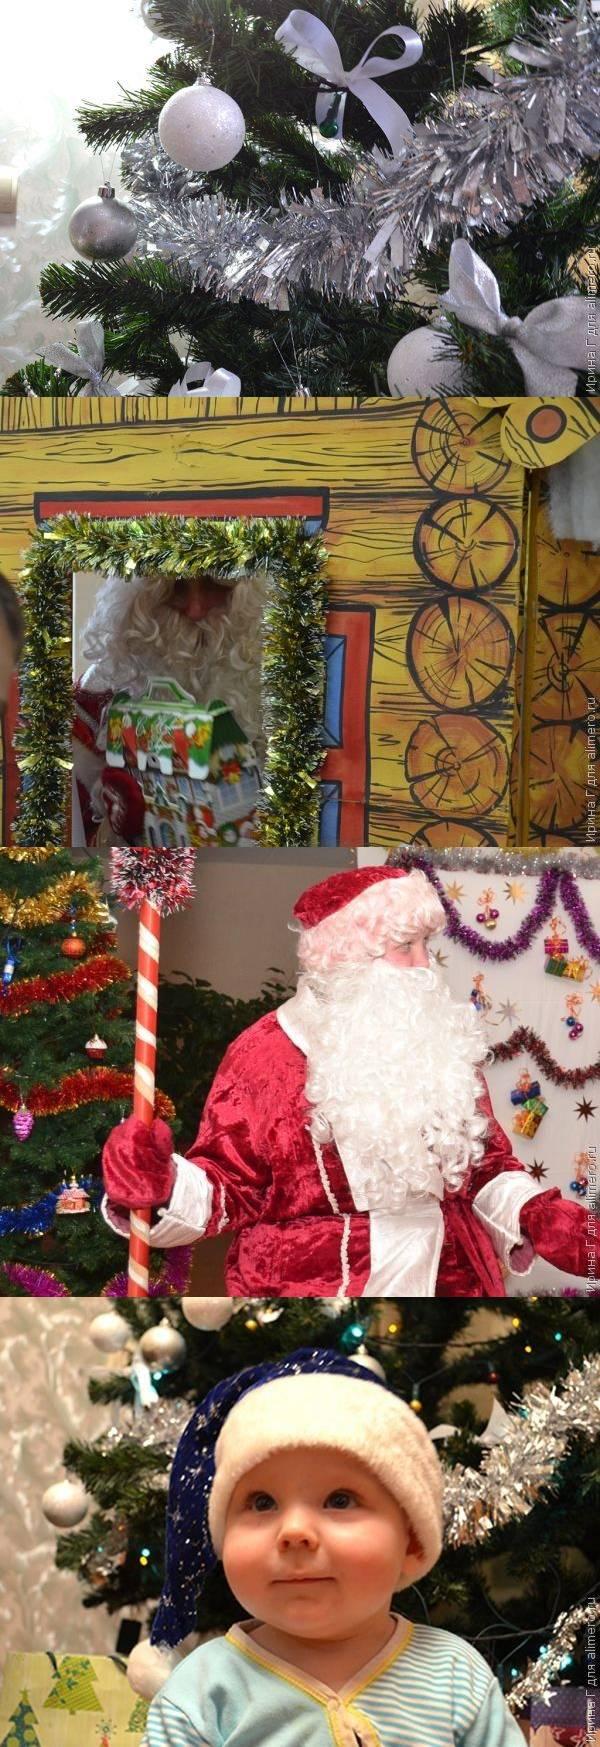 Есть ли Дед Мороз?